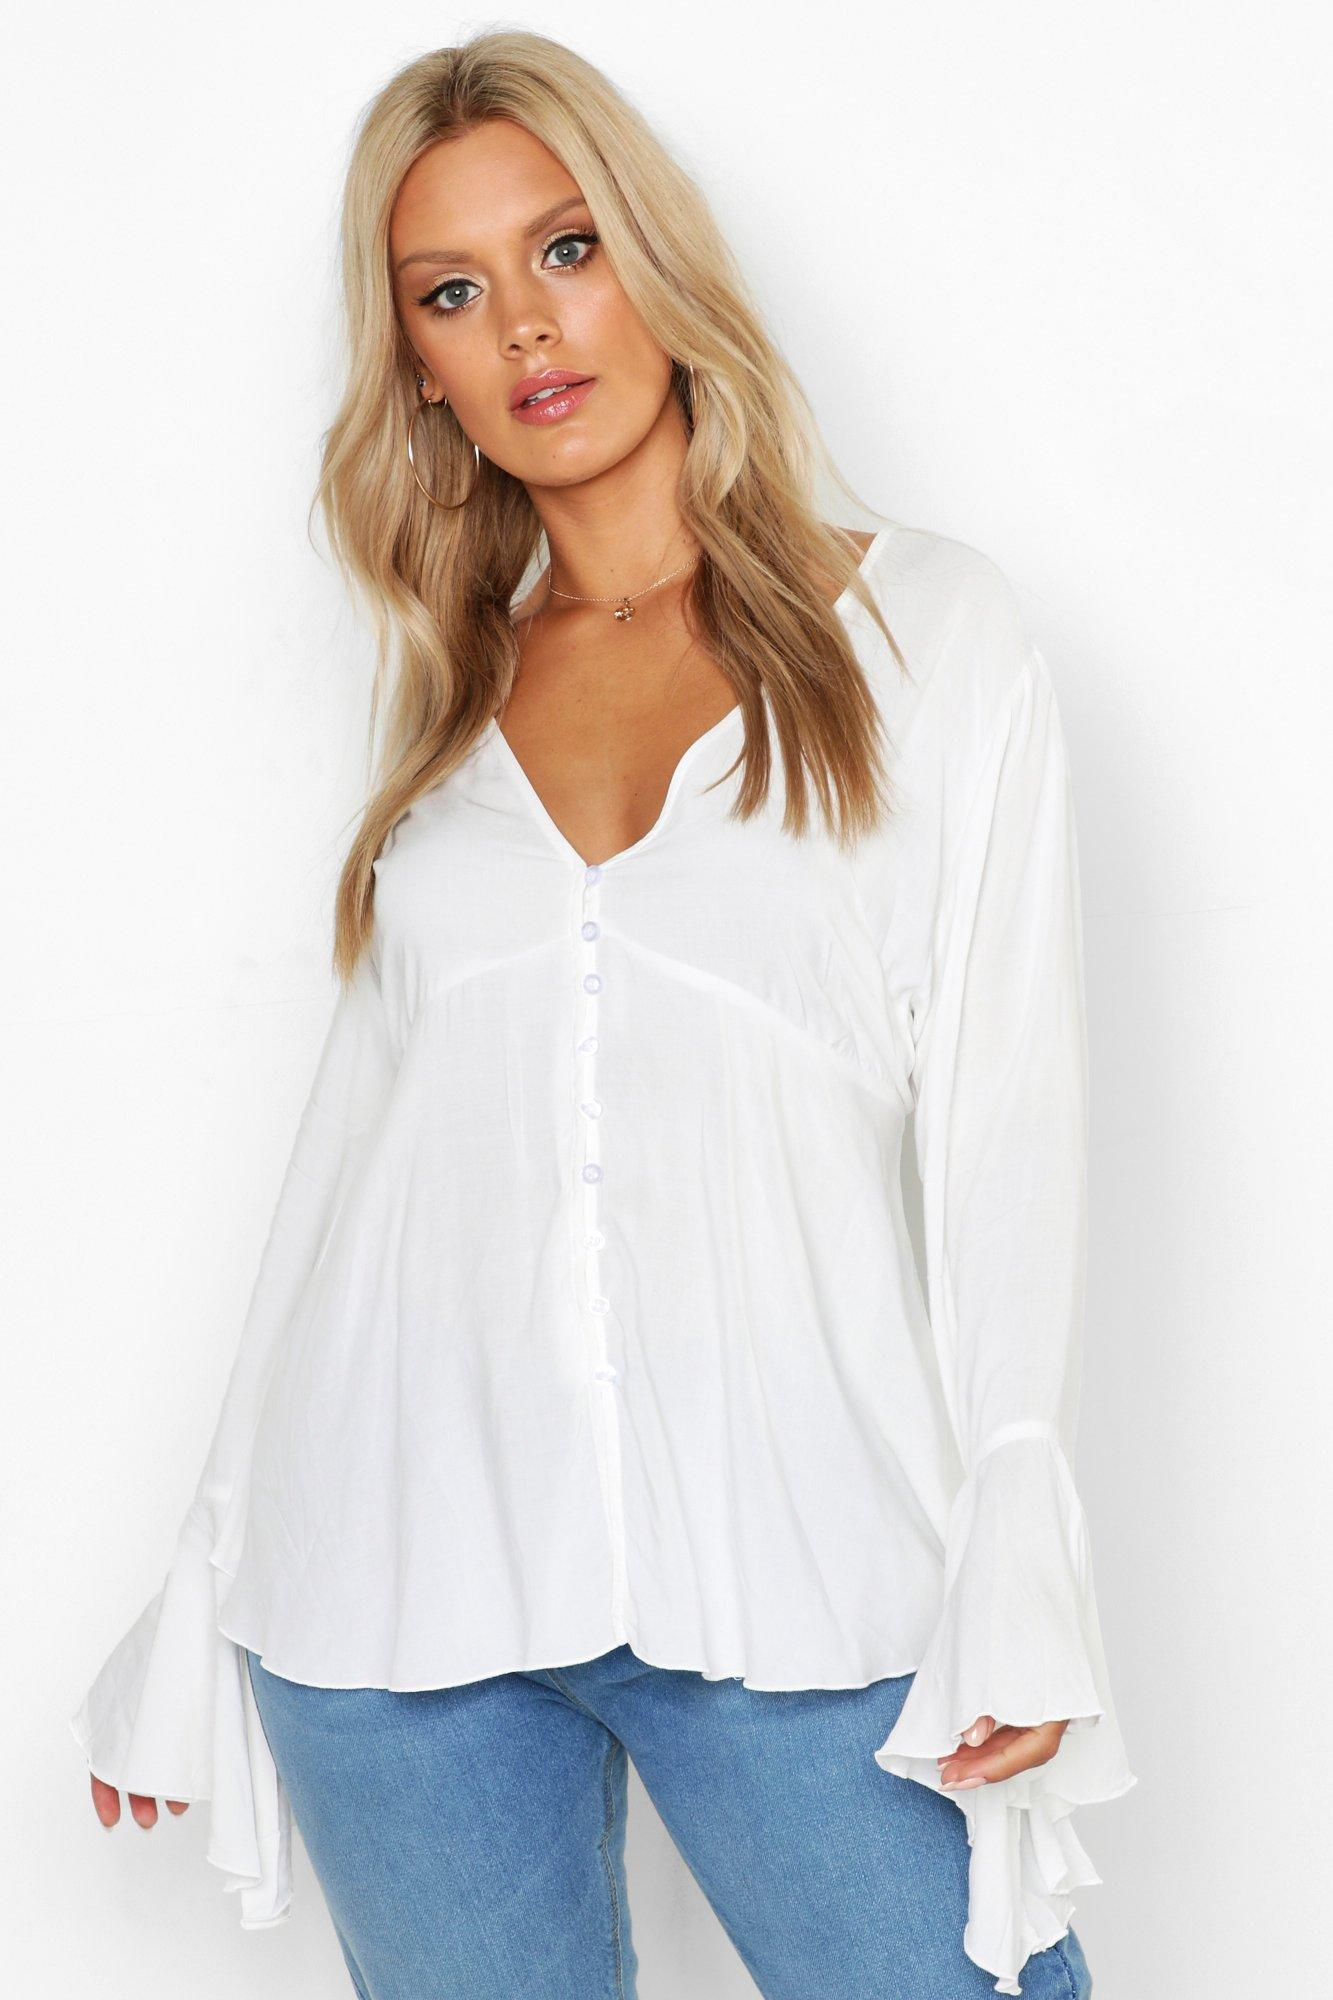 Womens Plus-Size Bluse mit Trompetenärmeln und V-Ausschnitt - white - 46, White - Boohoo.com